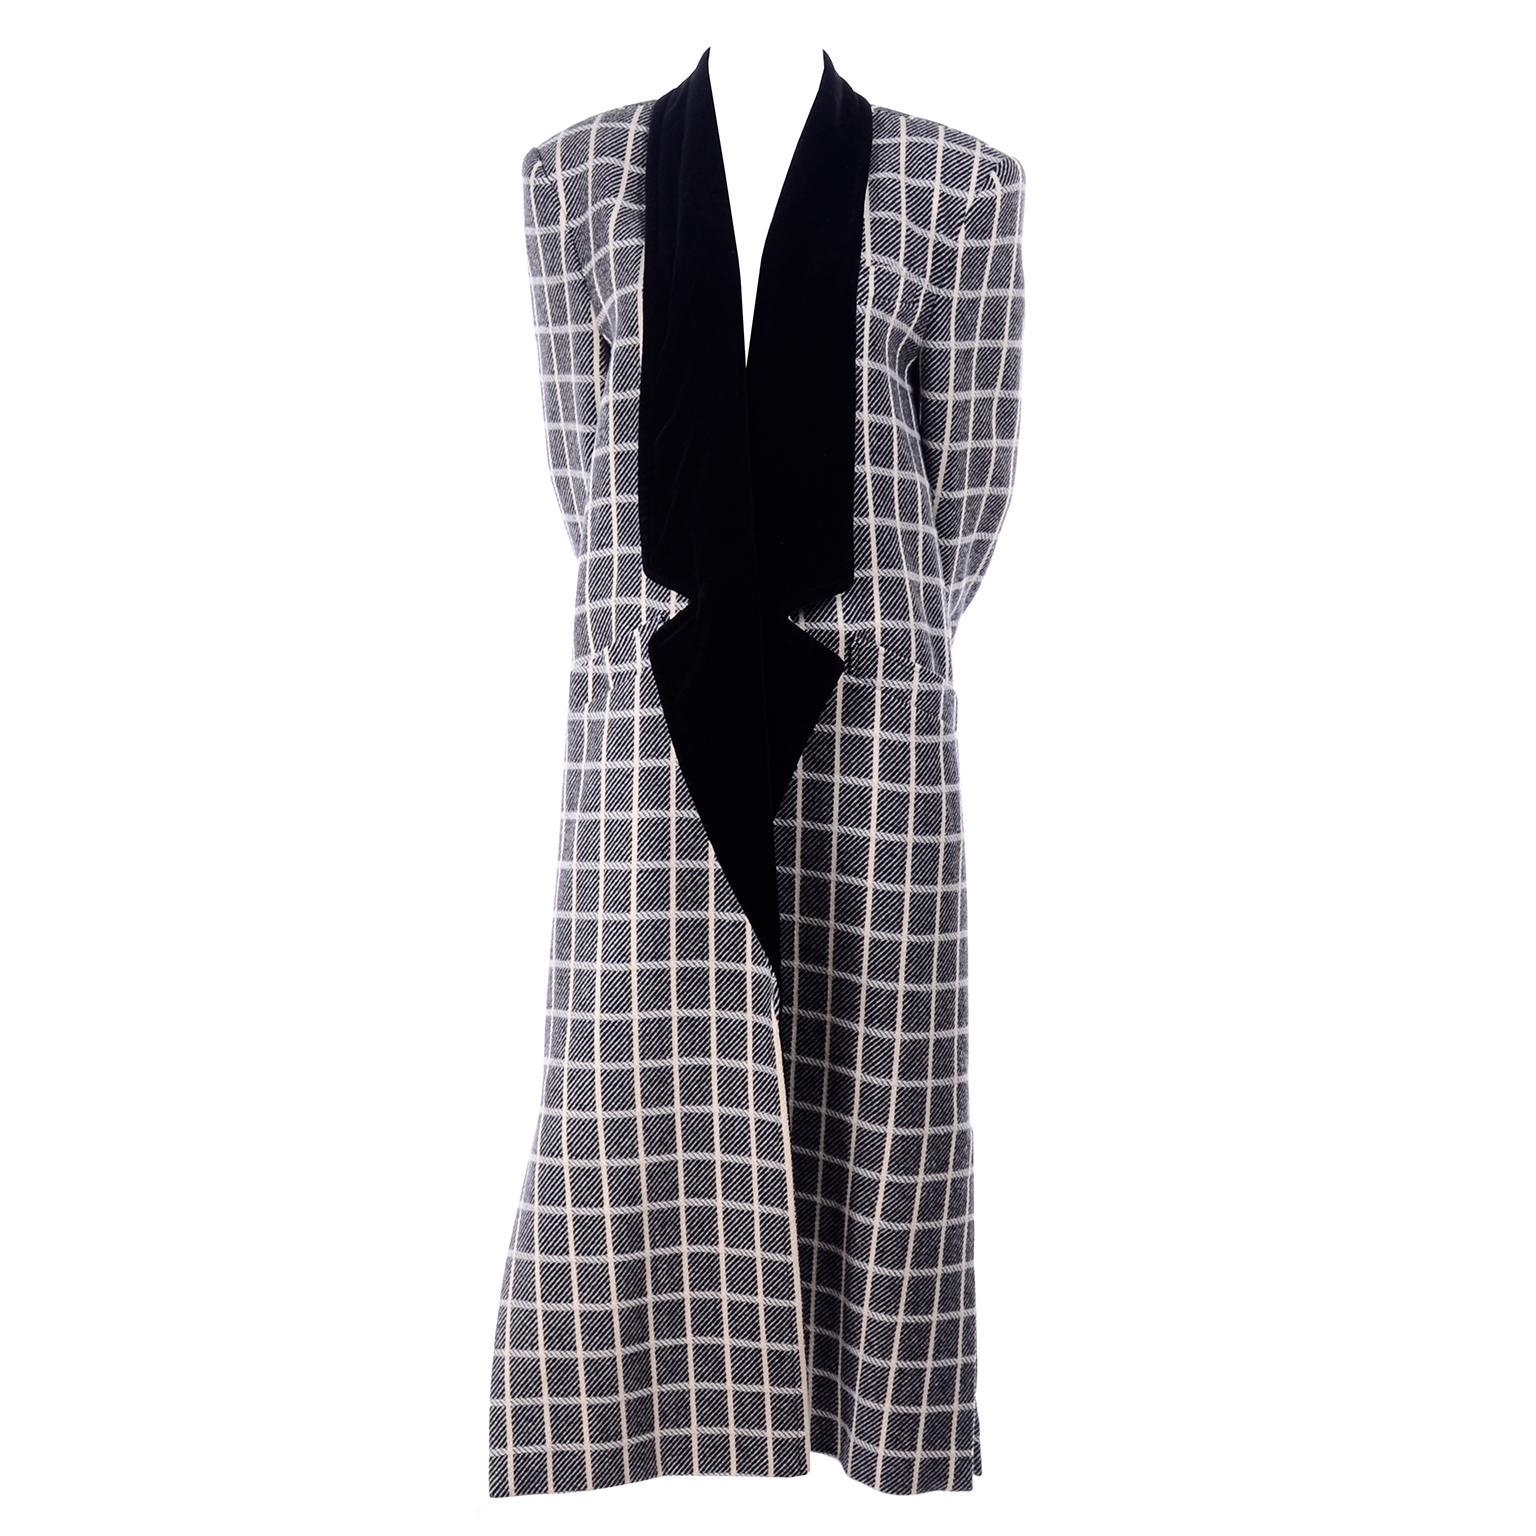 1980s Vintage Escada Black & Cream Plaid Coat With Black Velvet Lapels